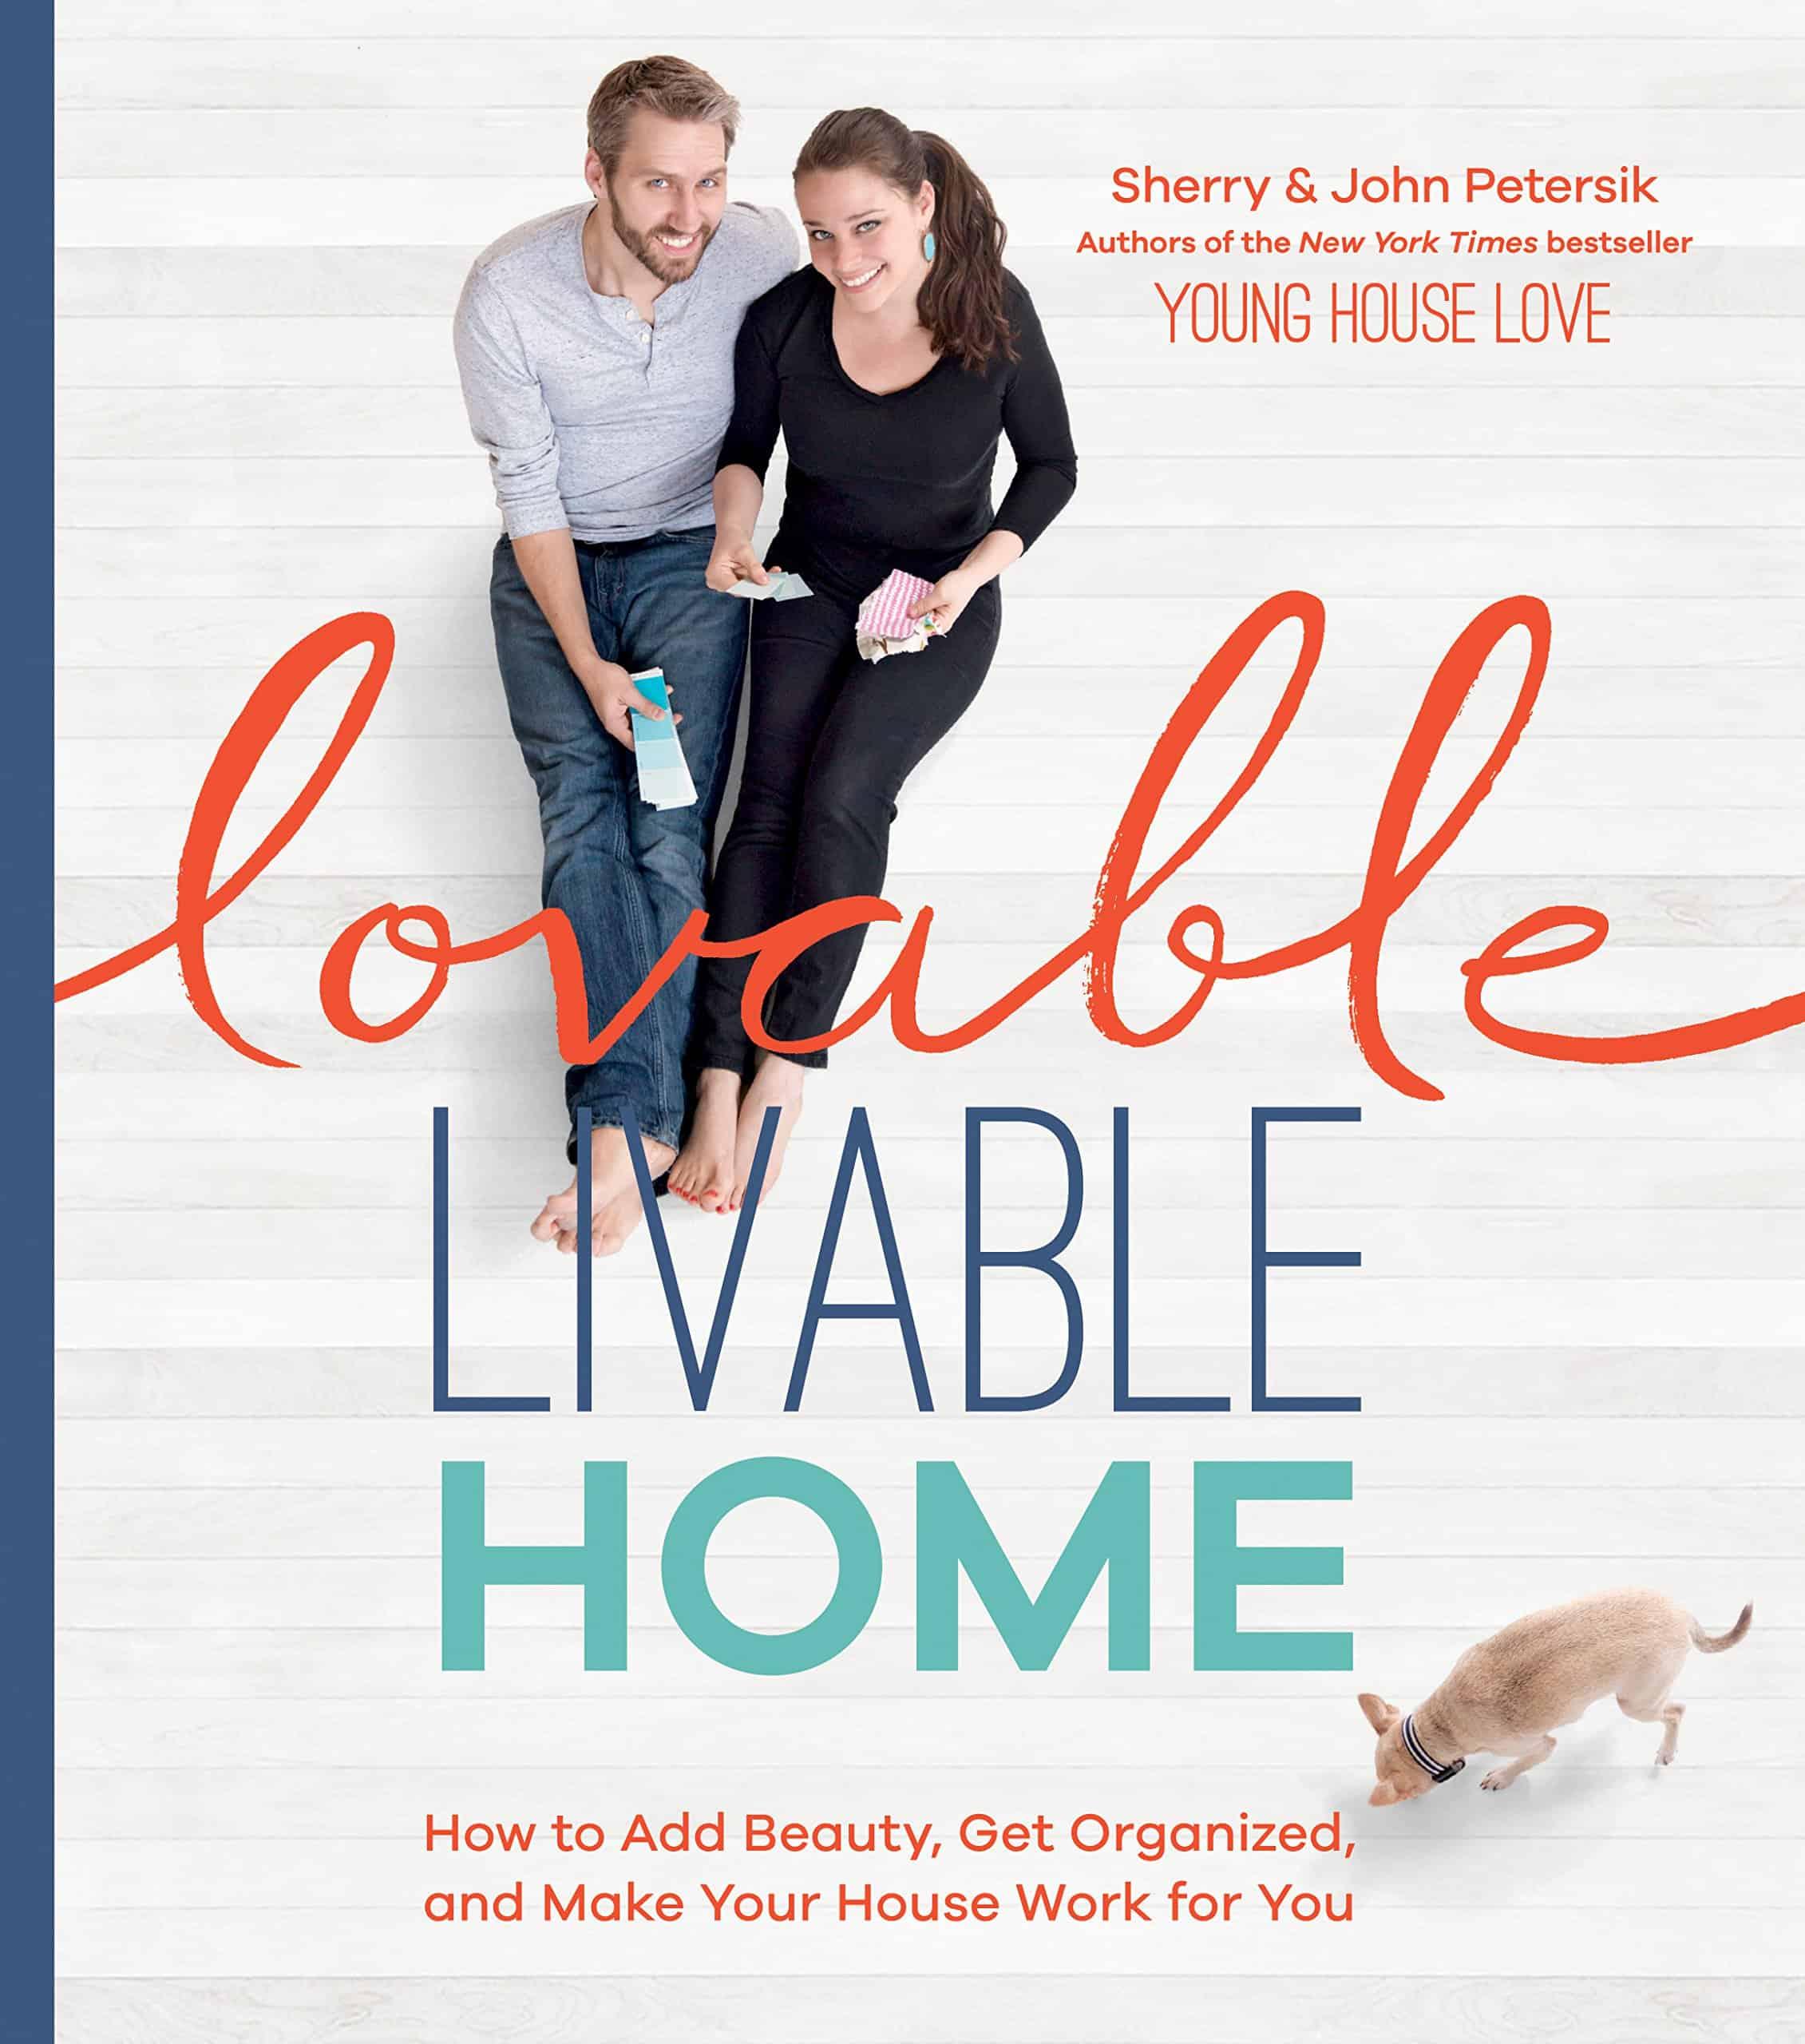 Gorgeous Books: Lovable Livable Home